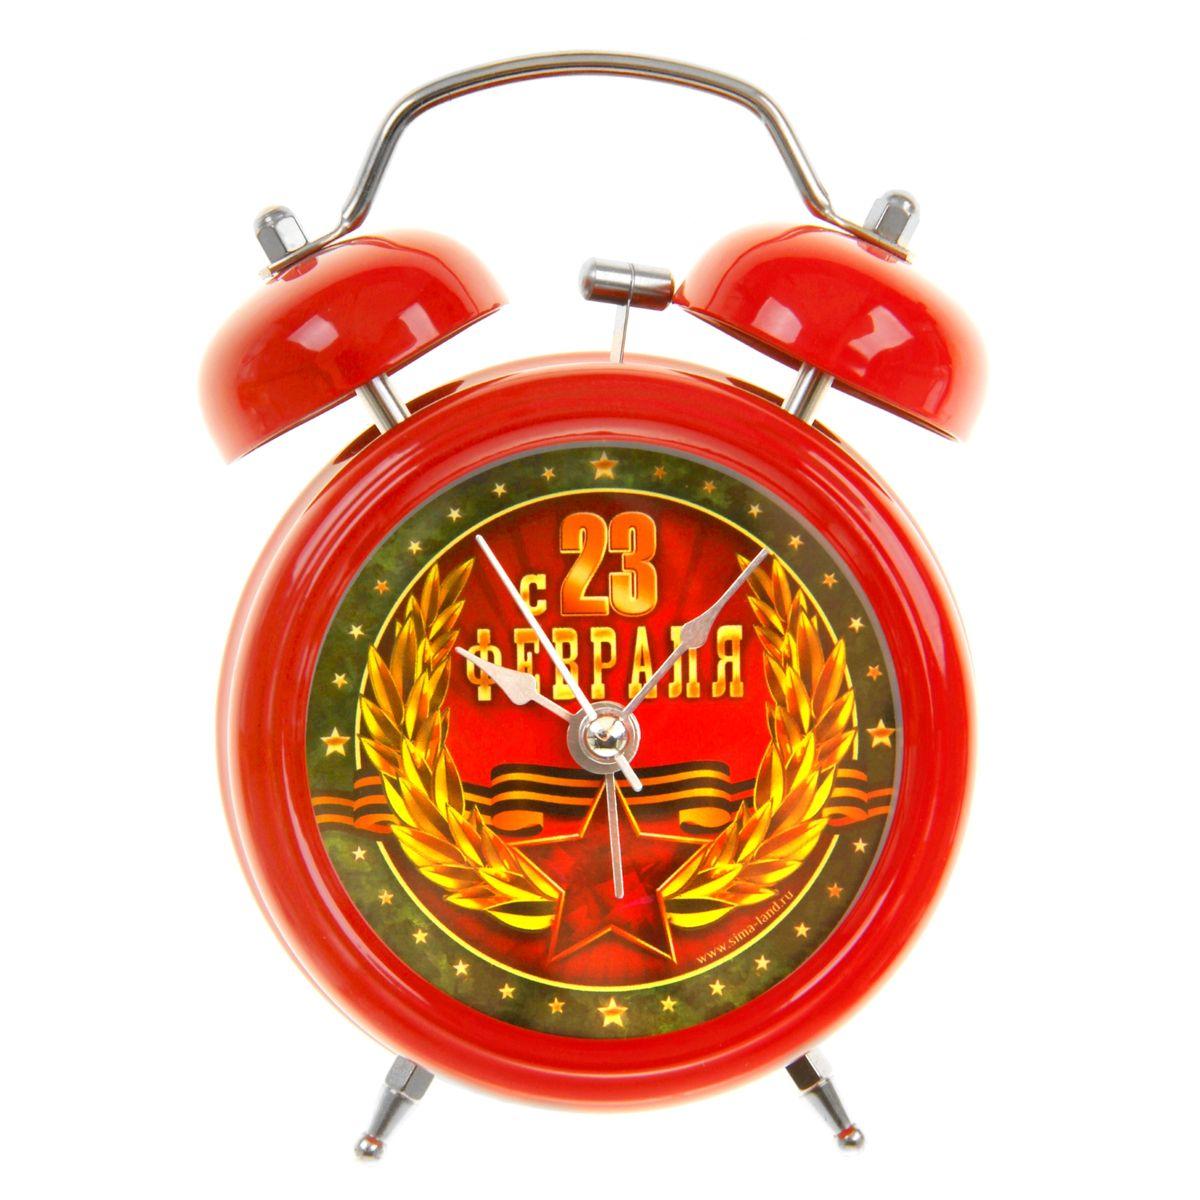 Часы-будильник Sima-land С 23 февраля. 839673839673Как же сложно иногда вставать вовремя! Всегда так хочется поспать еще хотя бы 5 минут и бывает, что мы просыпаем. Теперь этого не случится! Яркий, оригинальный будильник Sima-land С 23 февраля поможет вам всегда вставать в нужное время и успевать везде и всюду. Время показывает точно и будит в установленный час. Такой будильник станет прекрасным подарком. На задней панели будильника расположены переключатель включения/выключения механизма, а также два колесика для настройки текущего времени и времени звонка будильника. Также будильник оснащен кнопкой, при нажатии и удержании которой, подсвечивается циферблат. Будильник работает от 1 батарейки типа AA напряжением 1,5V (не входит в комплект).